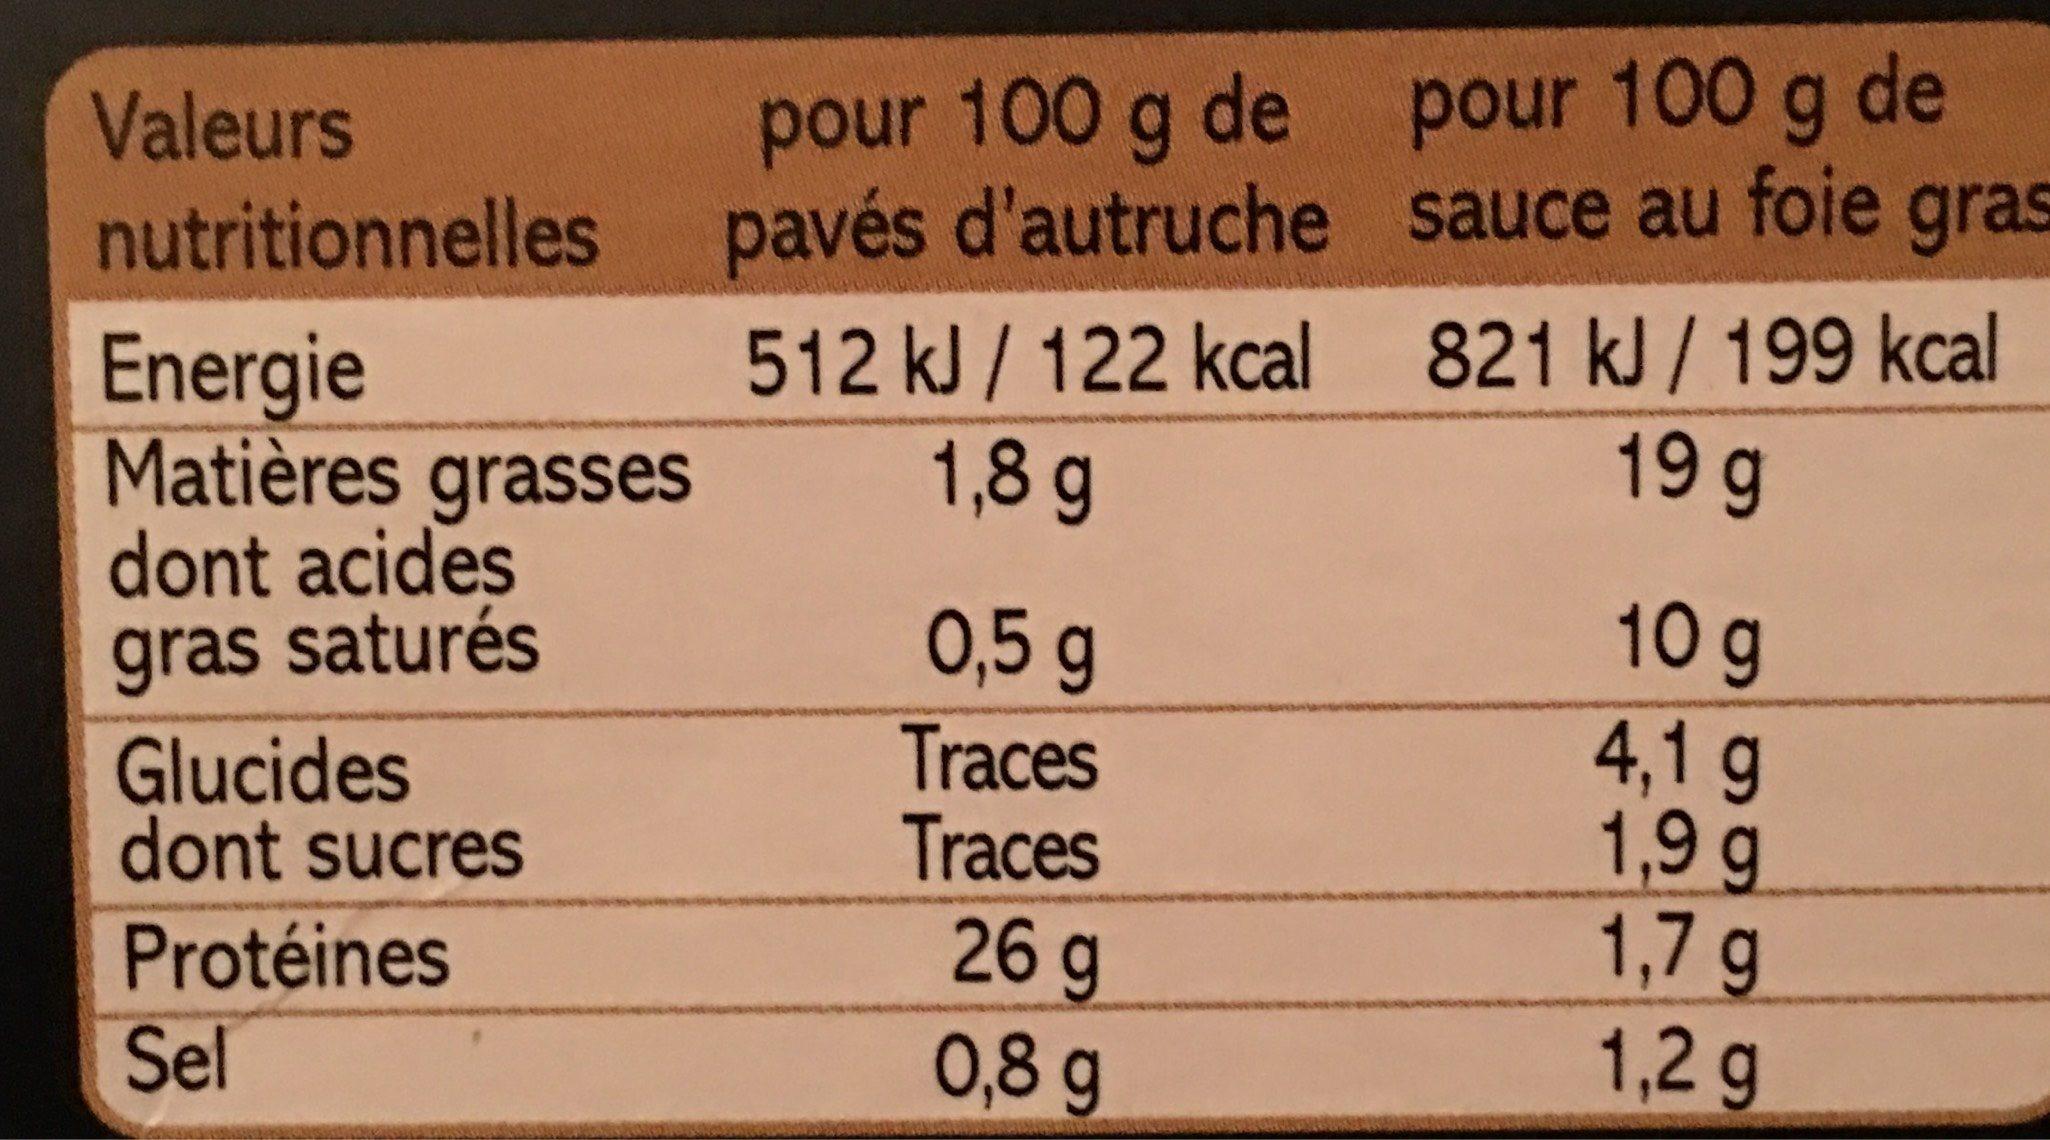 Saveurs forestières Autruche avec Sauce Foie Gras - Informations nutritionnelles - fr